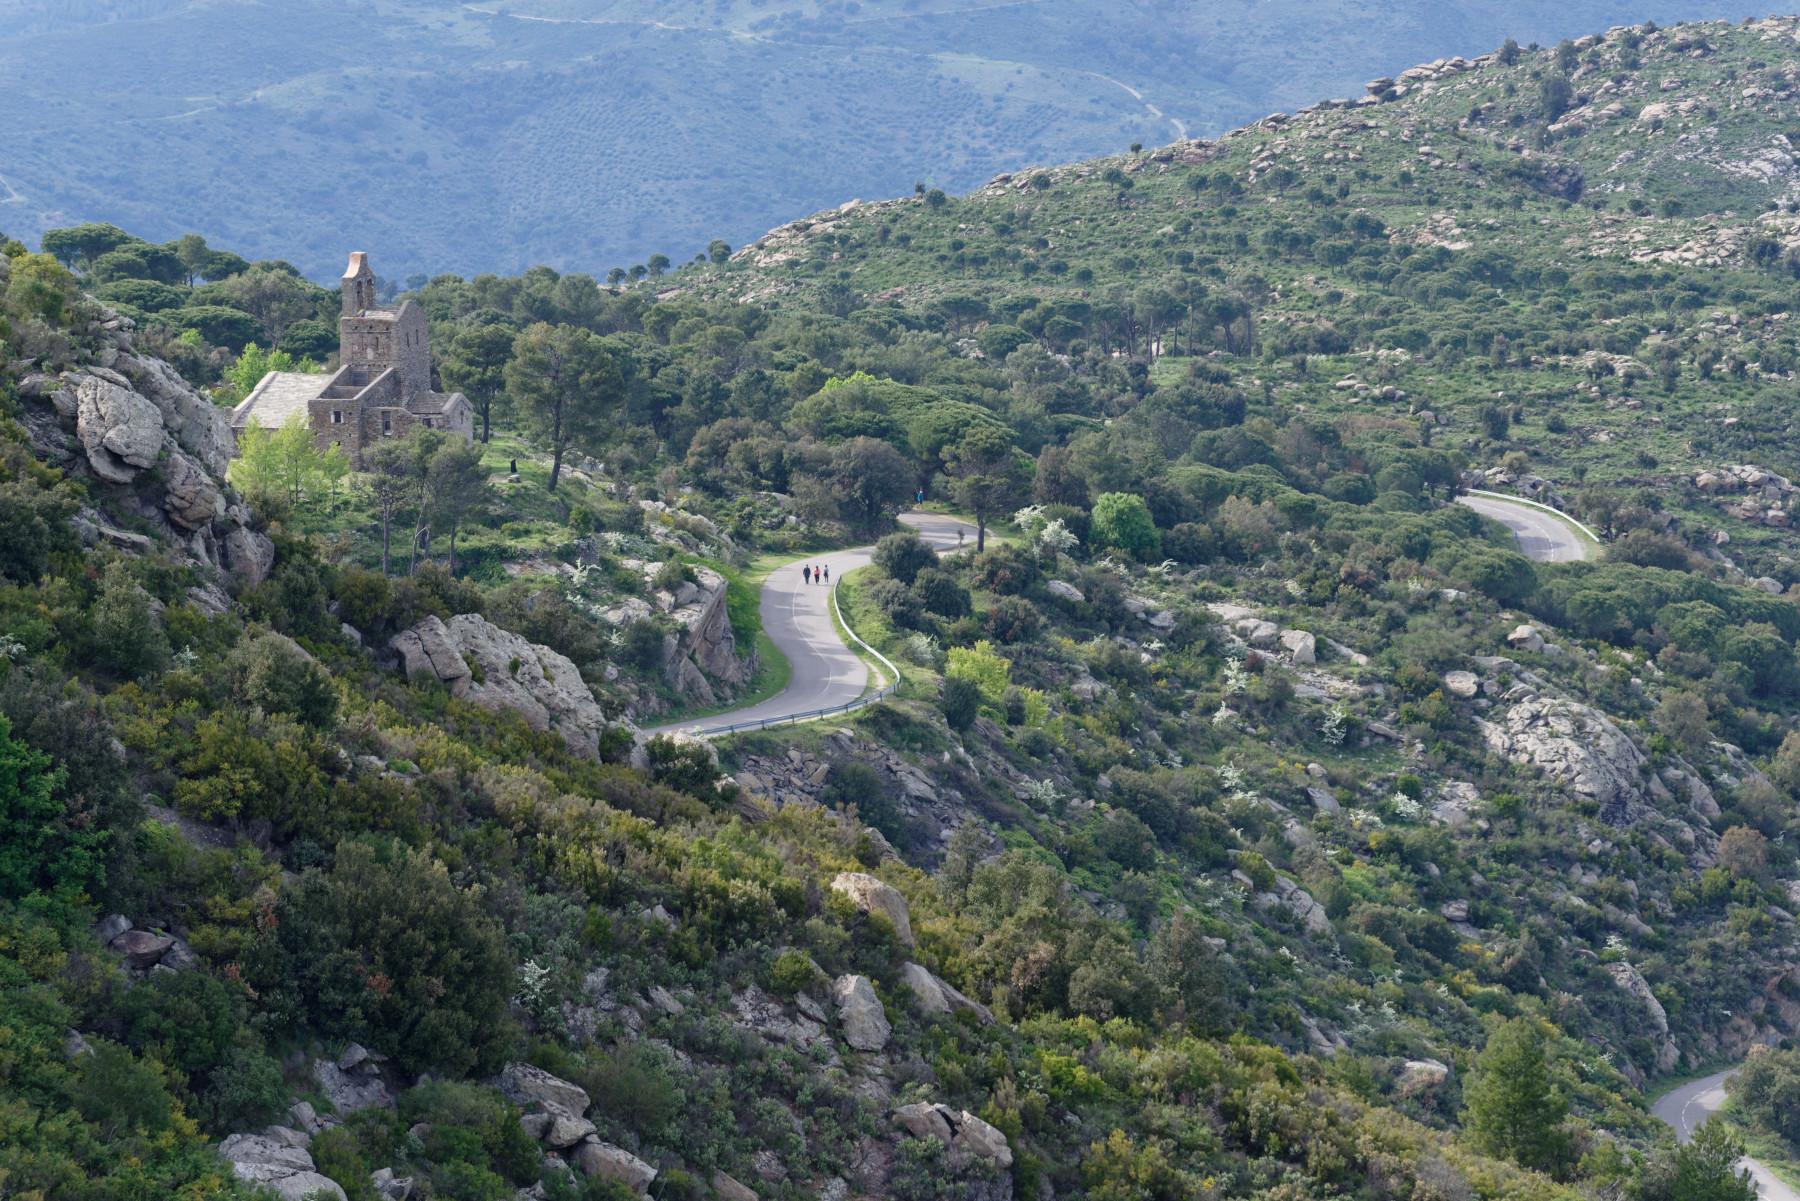 180430-3-Monestir de sant Pedre de Rodes (46) (Catalogne-Espagne)